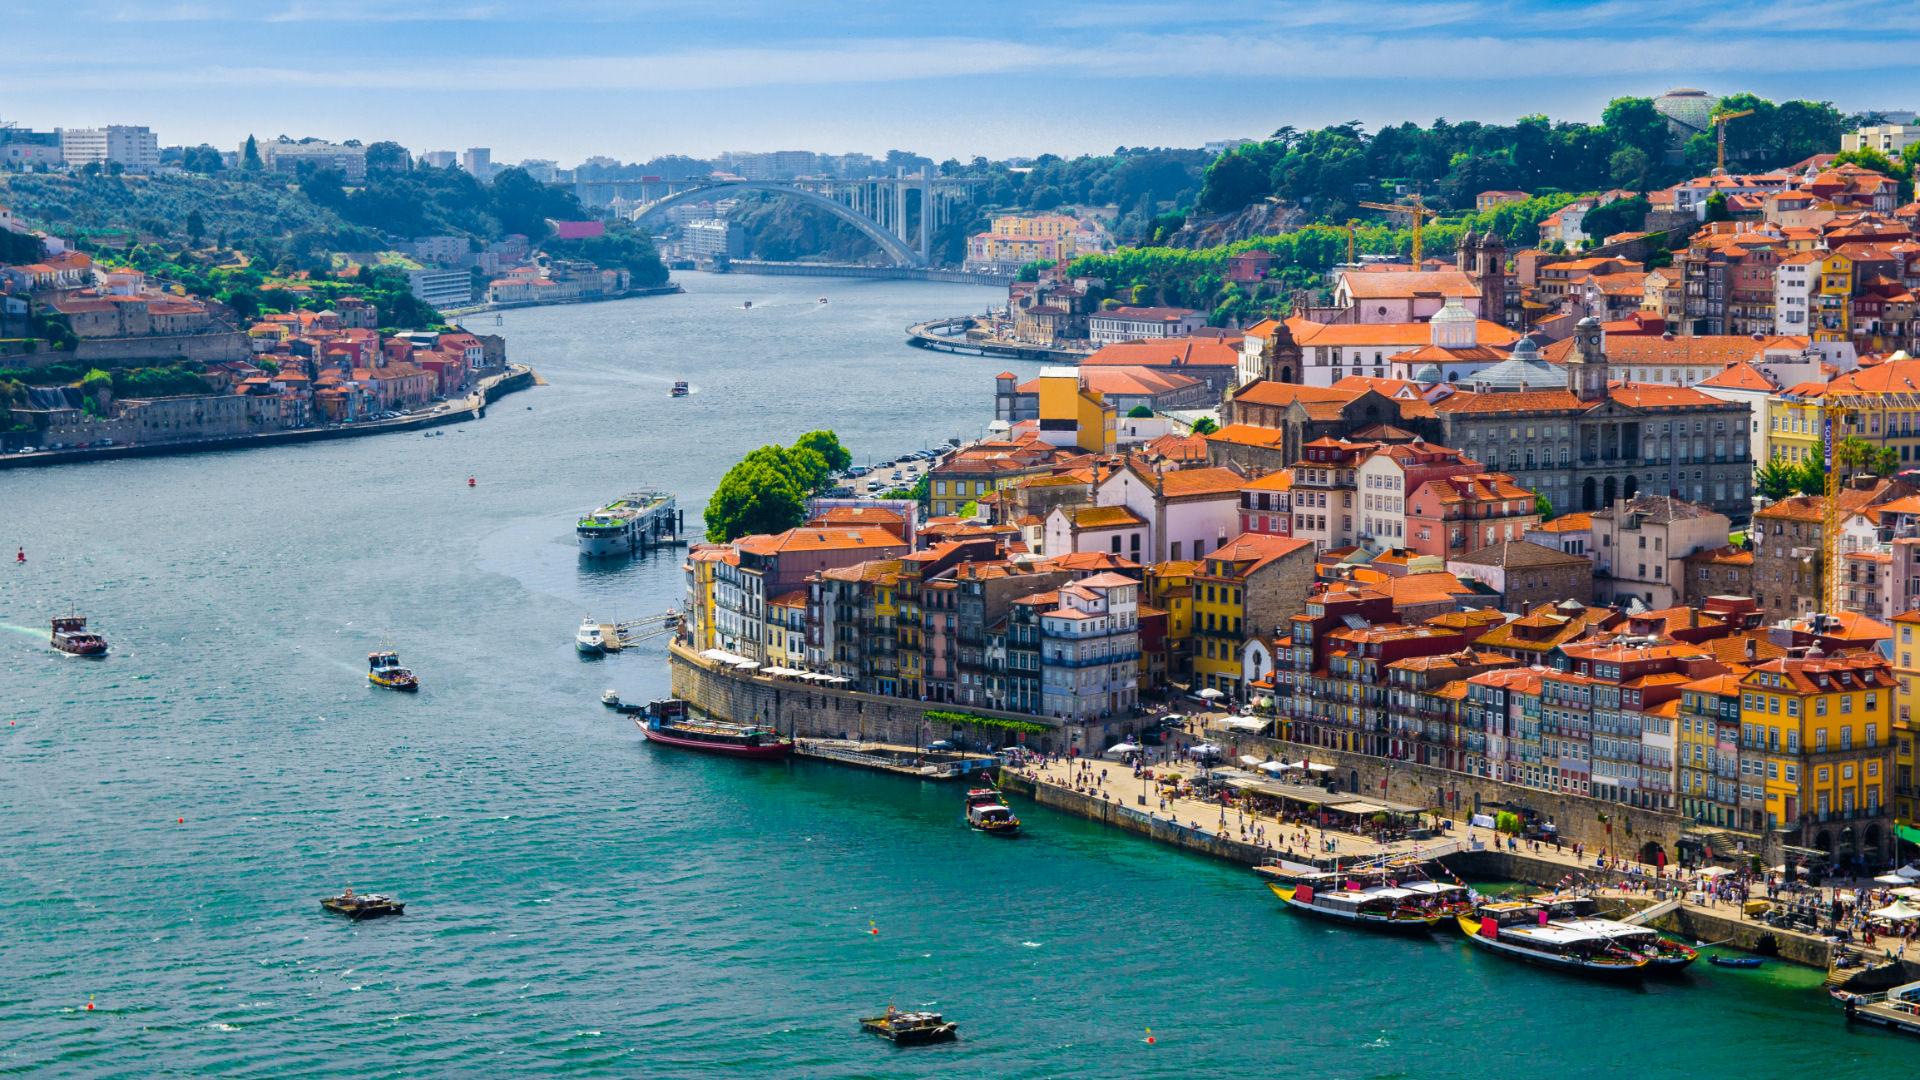 Kuzey Portekiz'in Eski, Asil ve Yenilmez Şehri Porto